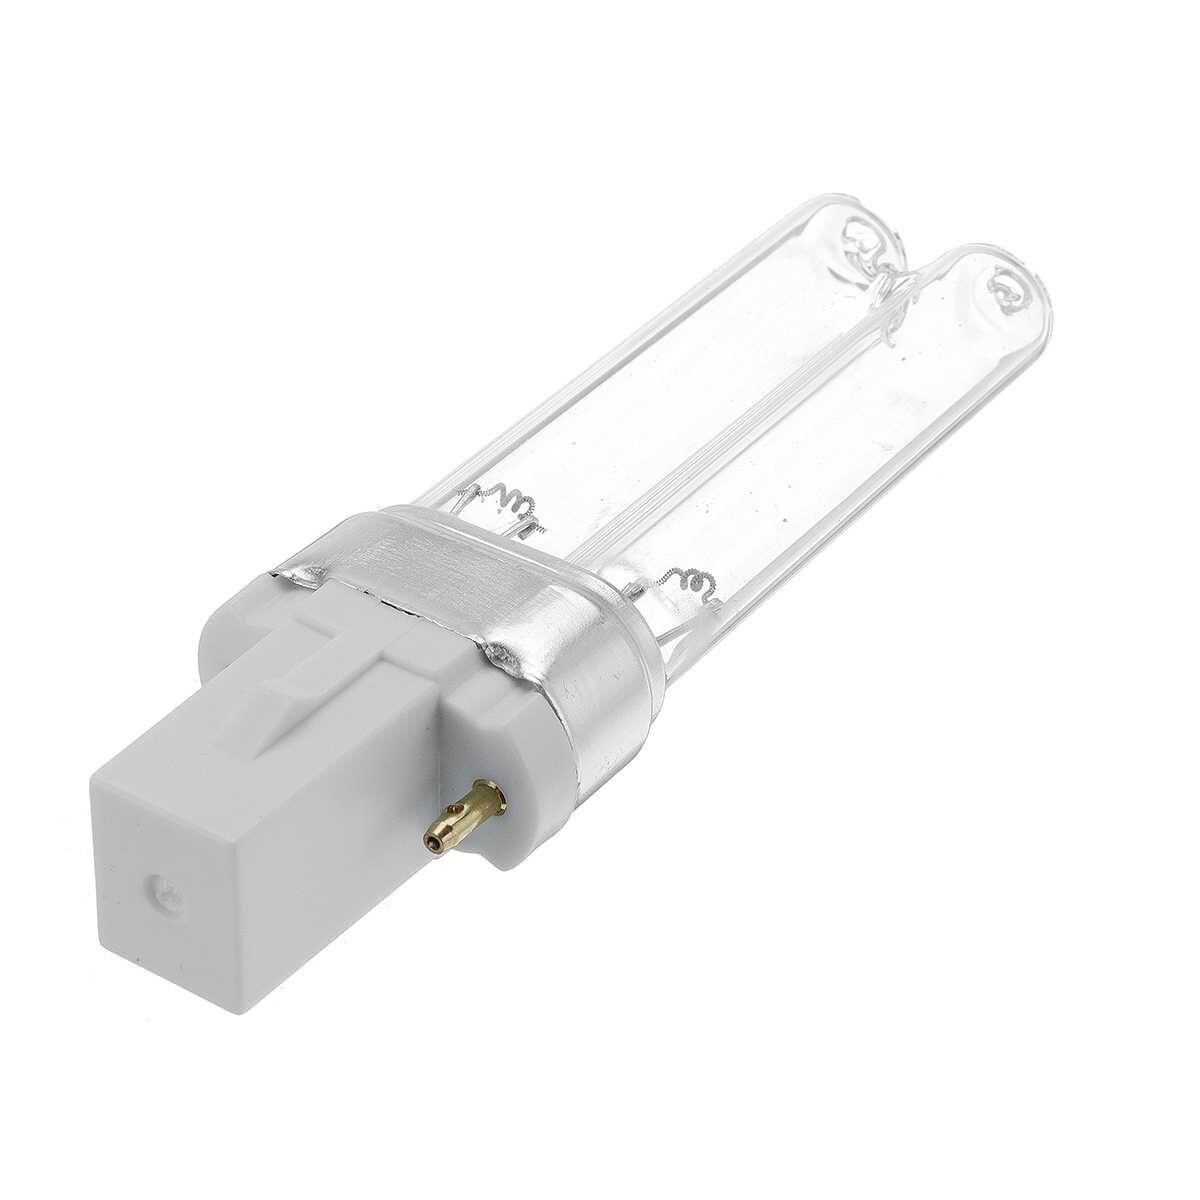 UVC Bi-pin G23 базовый кварцевый сменный линейный двухтрубный светильник SUNSUN Jebo UV стерилизаторы осветители аквариума 5 Вт-36 Вт